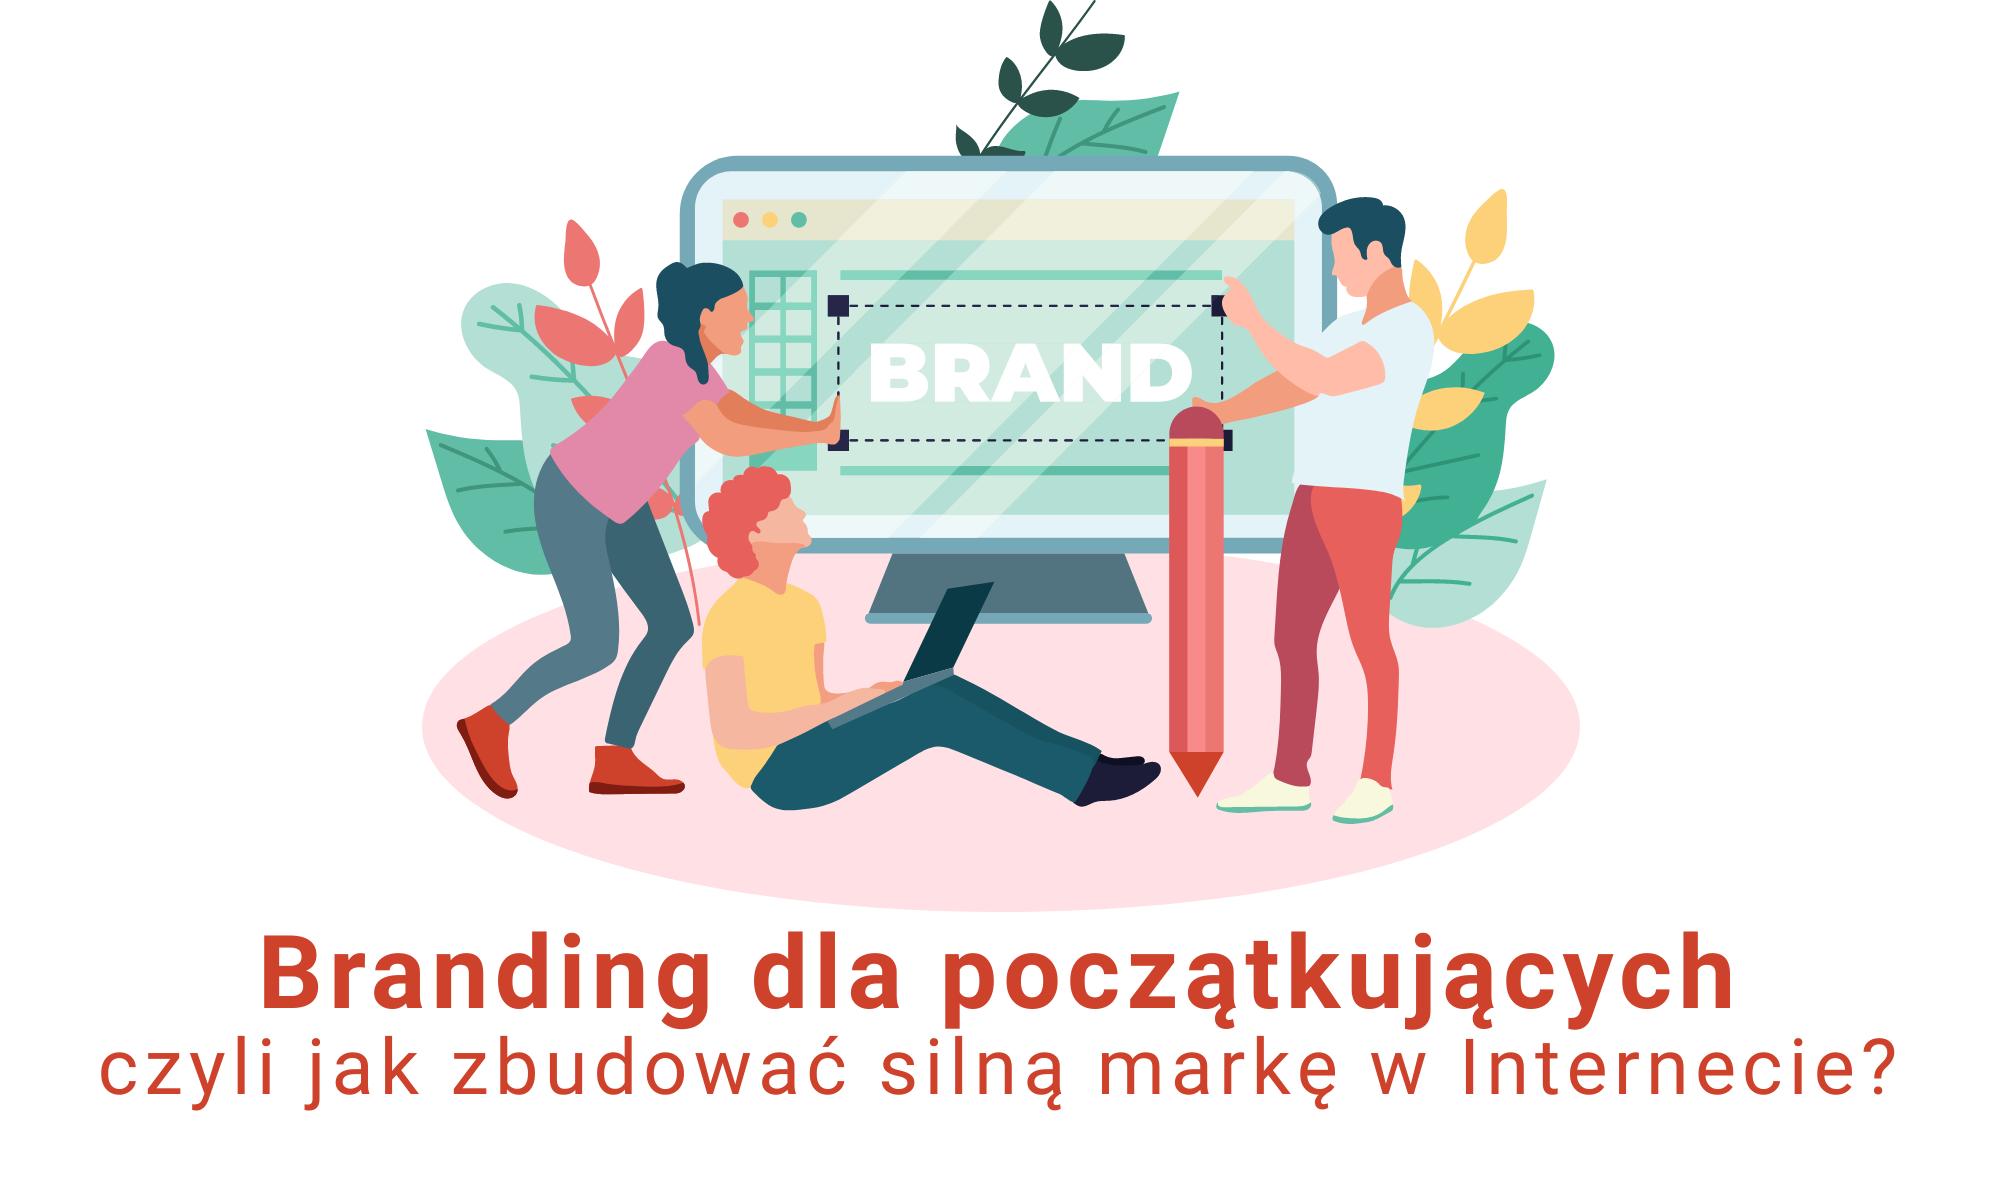 Branding dla początkujących, czyli jak zbudować silną markę w Internecie?